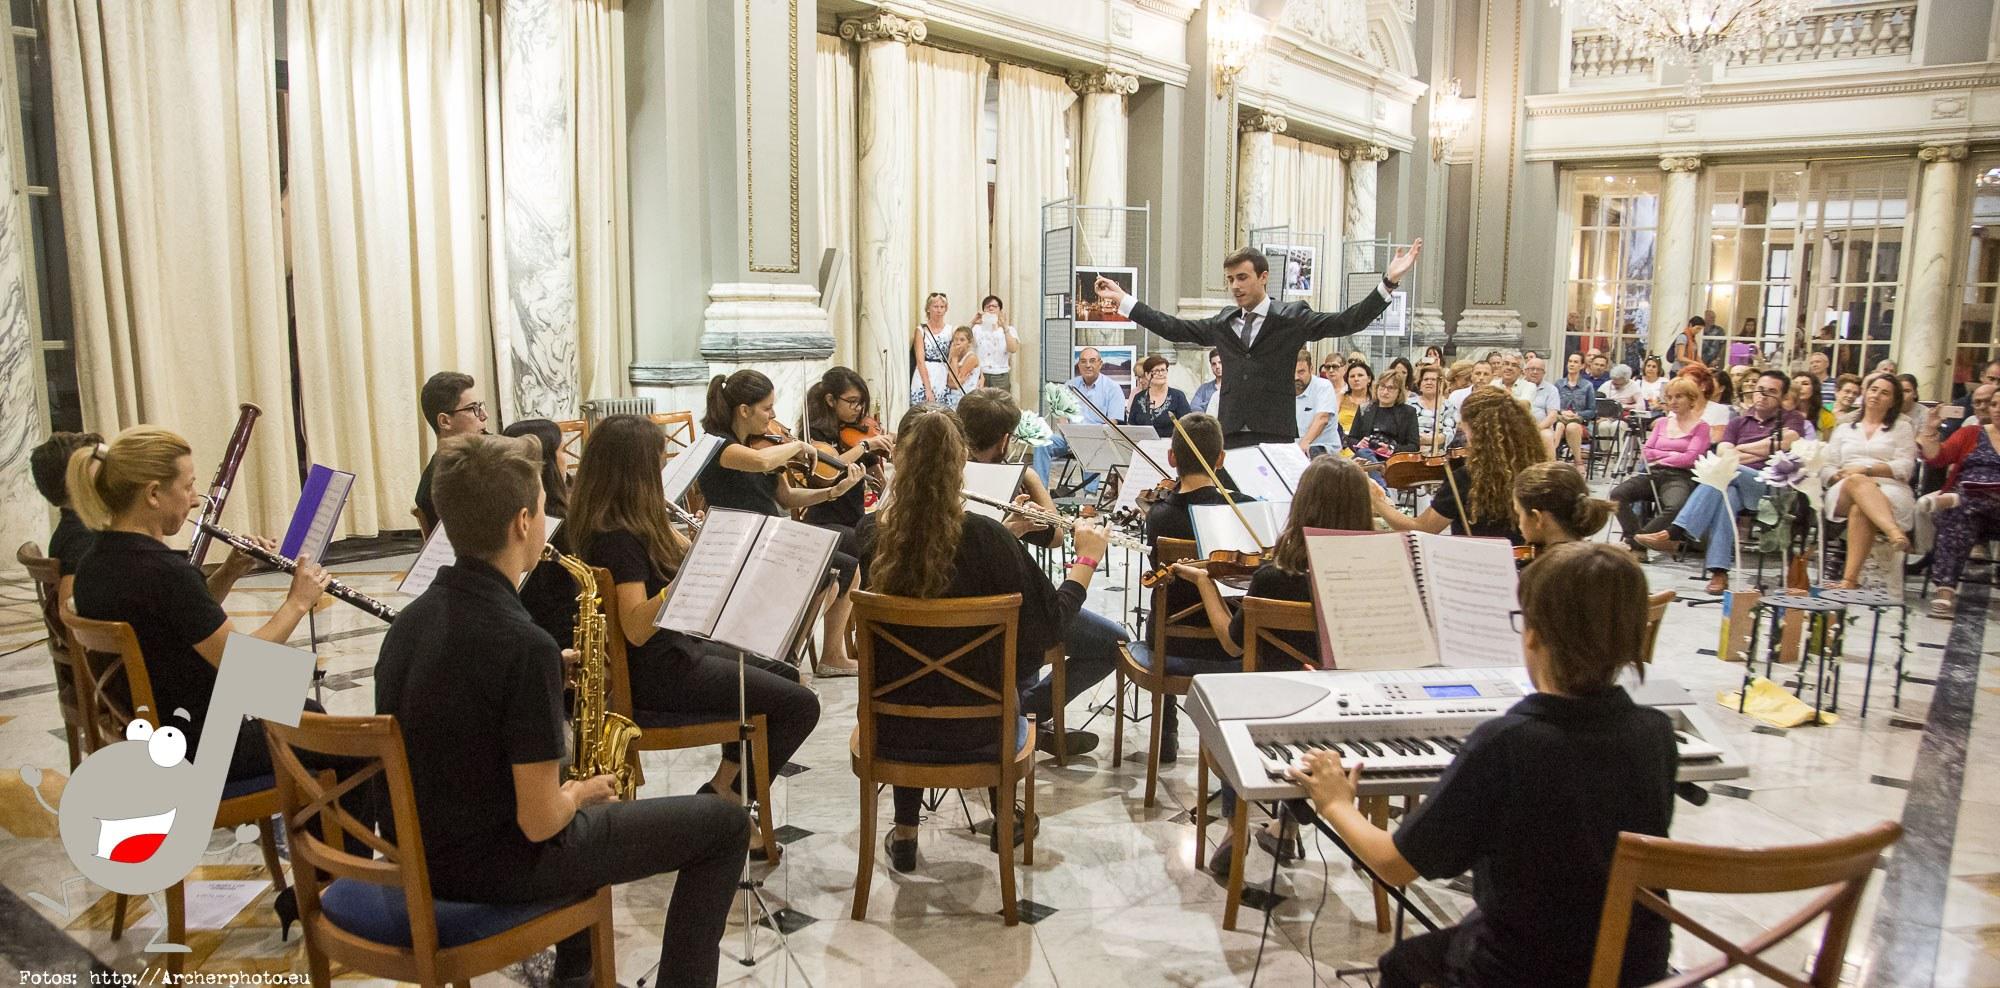 Scordae, orquesta sinfónica infantil en el Ayuntamiento de Valencia por Archerphoto, fotógrafo profesional